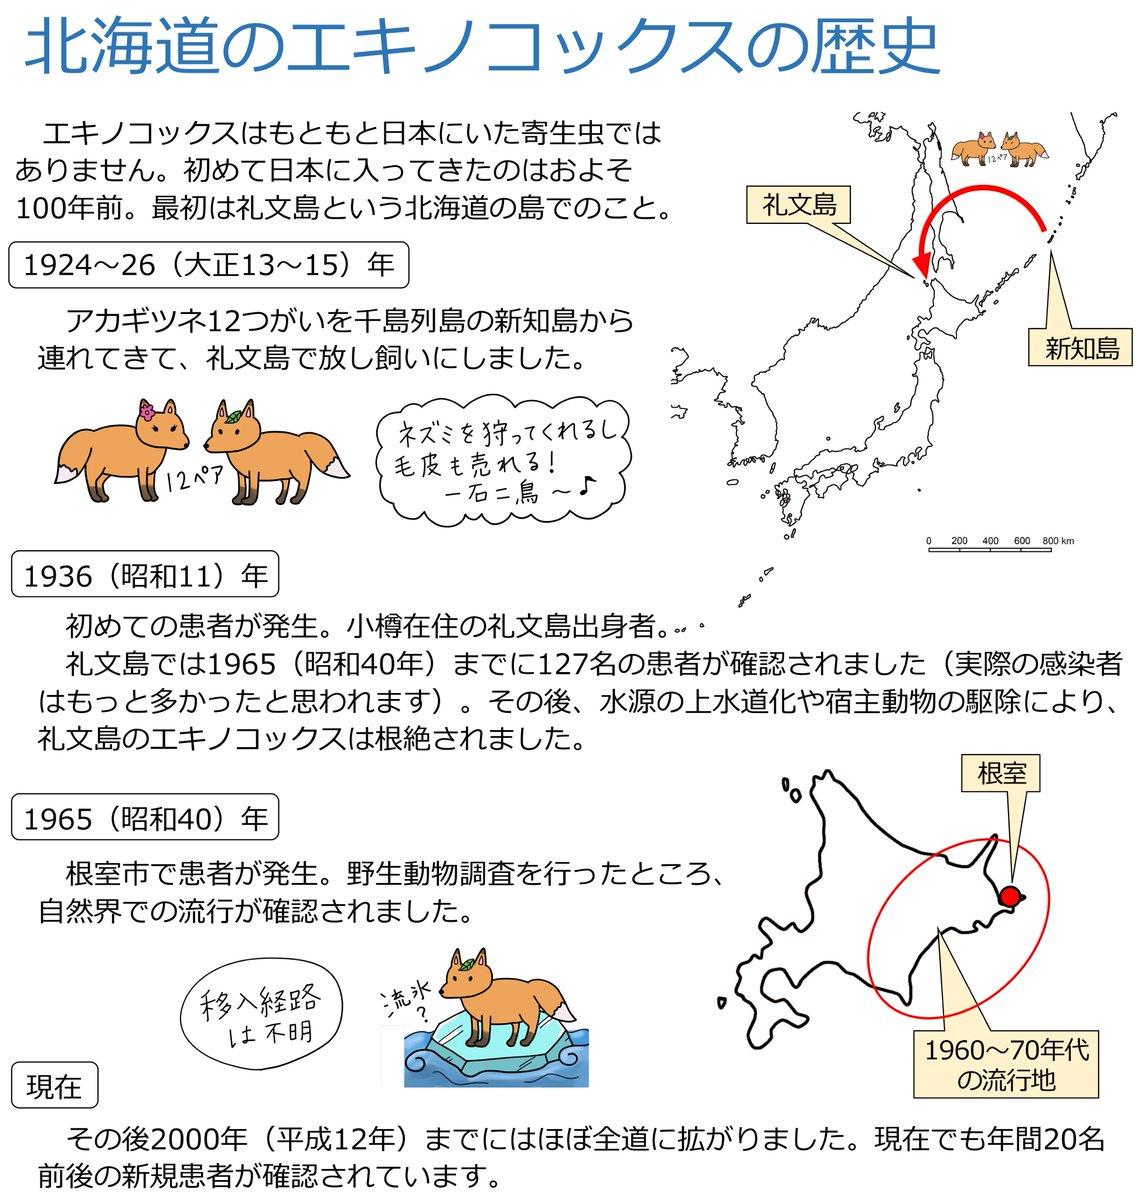 もともと北海道にはエキノコックスは存在しませんでした